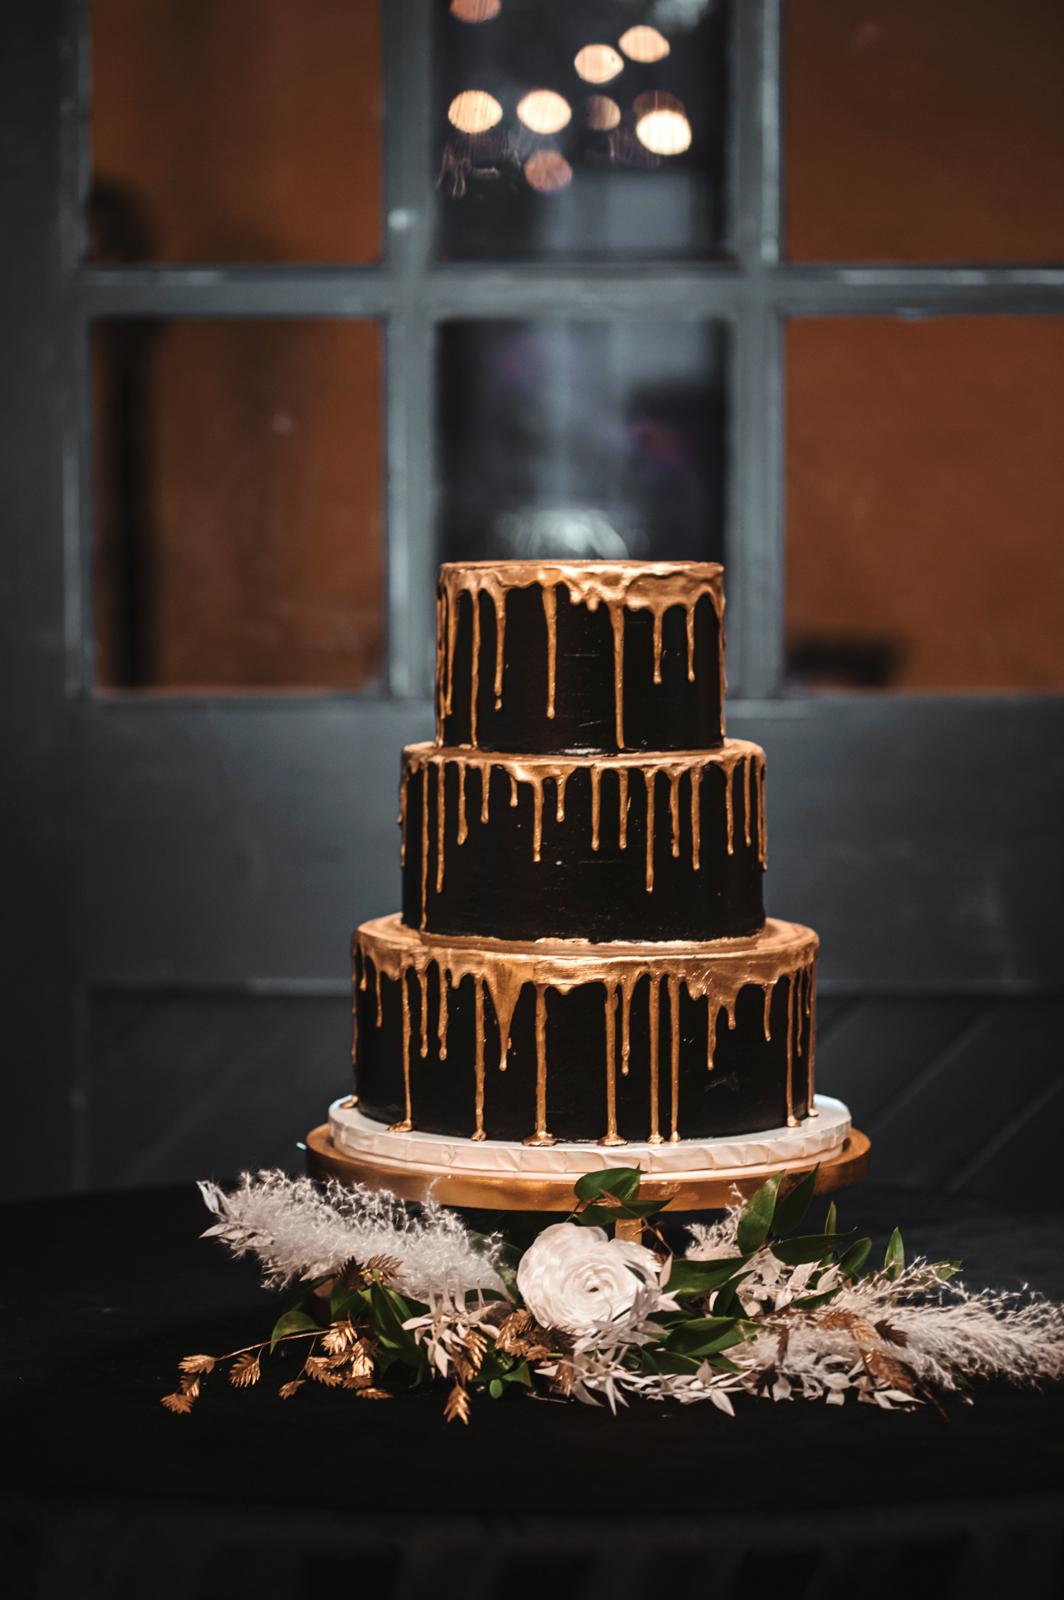 Gâteau de mariage parfait.Gâteau de mariage parfait.